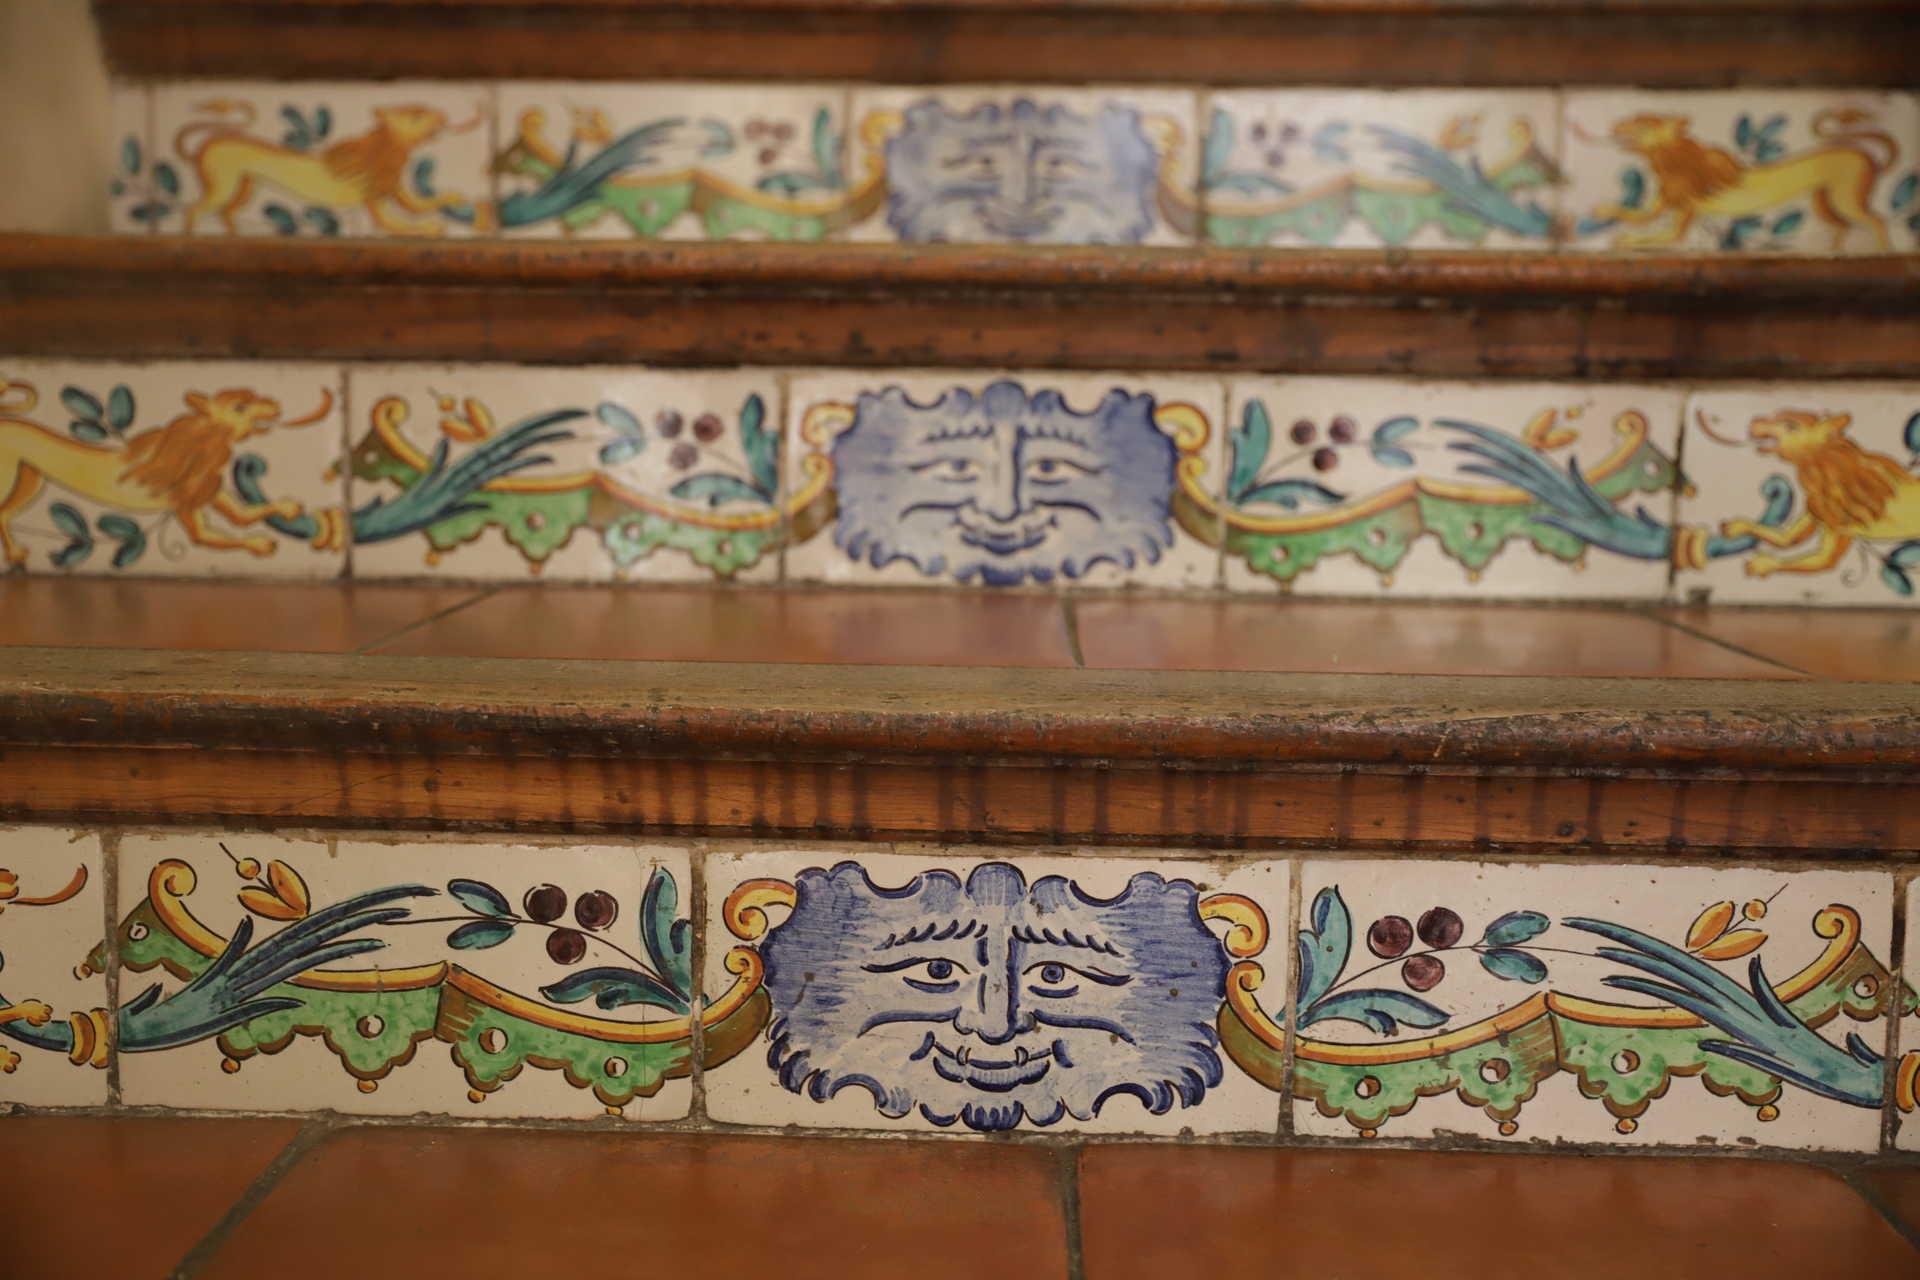 Palais des comtes de paterna. Mairie de Paterna